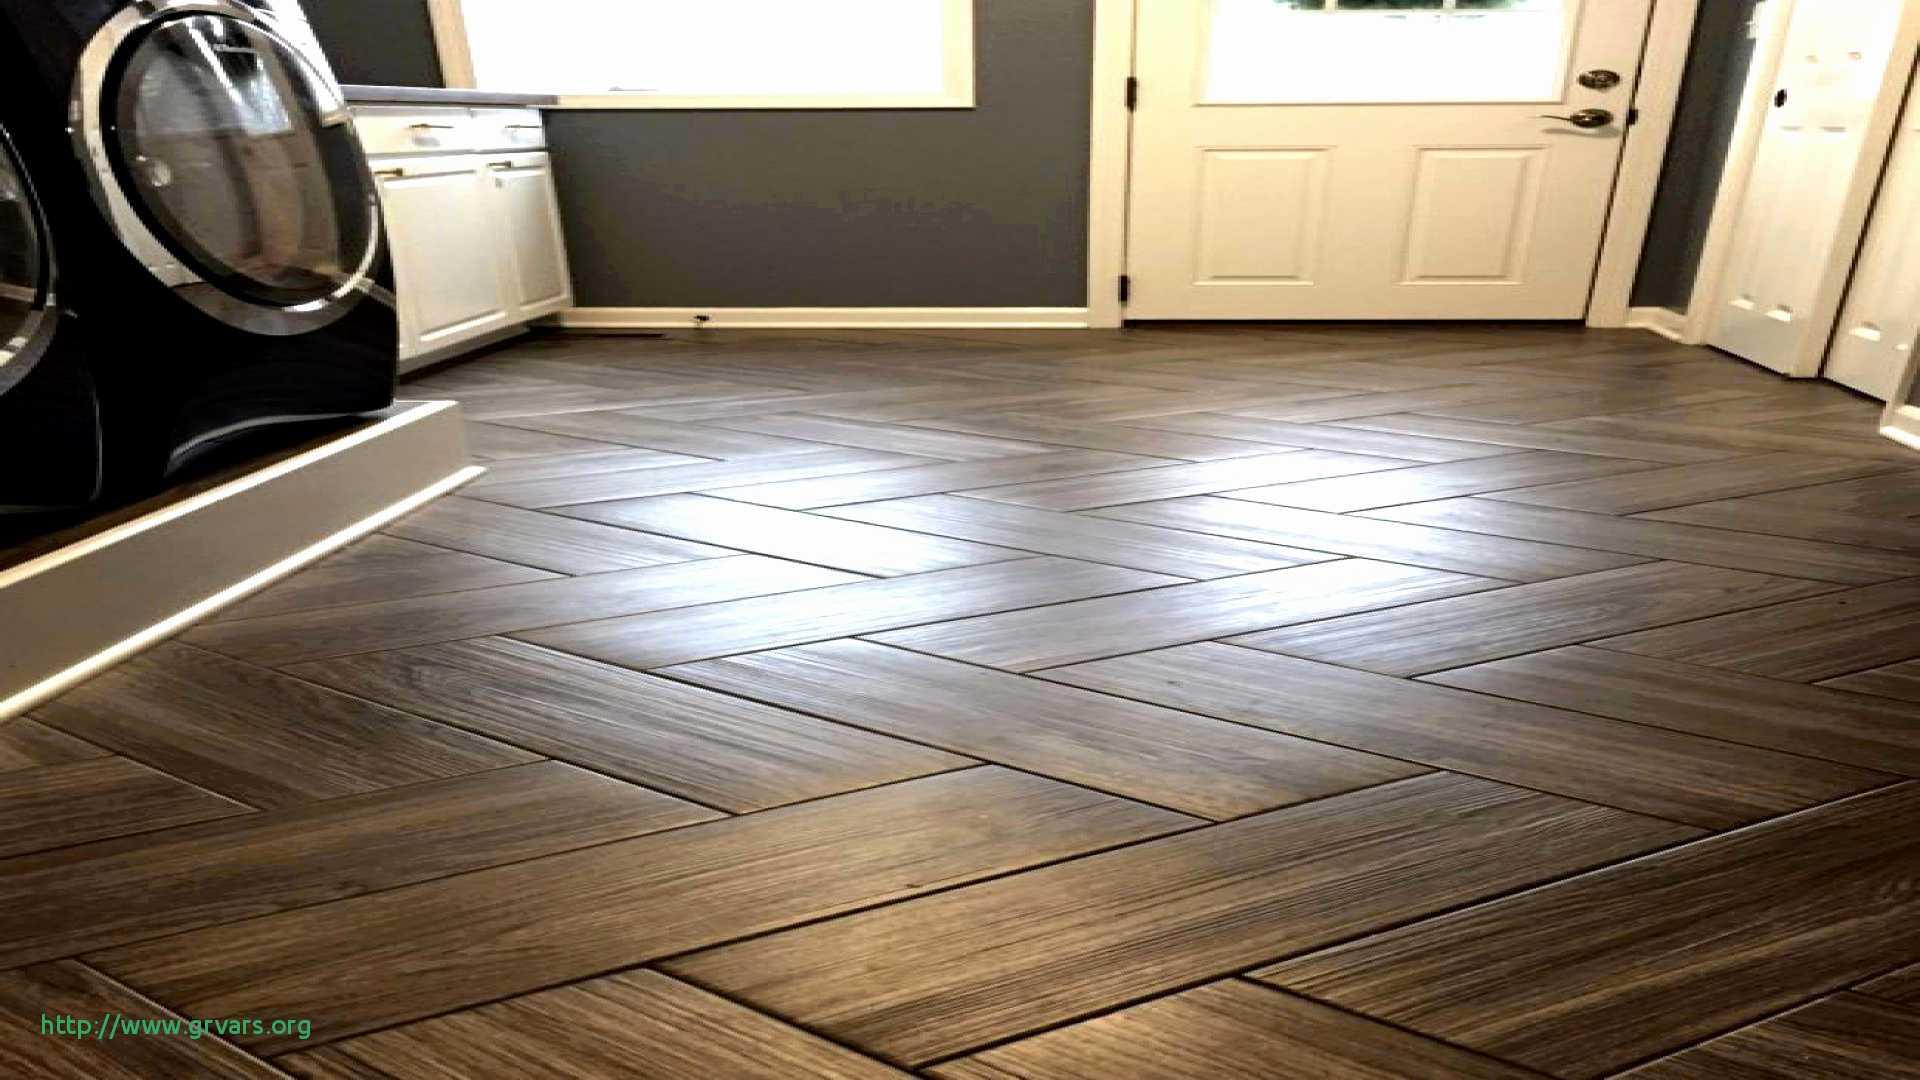 professional hardwood floor cleaning service of 18 meilleur de linoleum floor cleaner machine ideas blog with regard to kitchen floor tiles home depot elegant s media cache ak0 pinimg 736x 43 0d 97 best